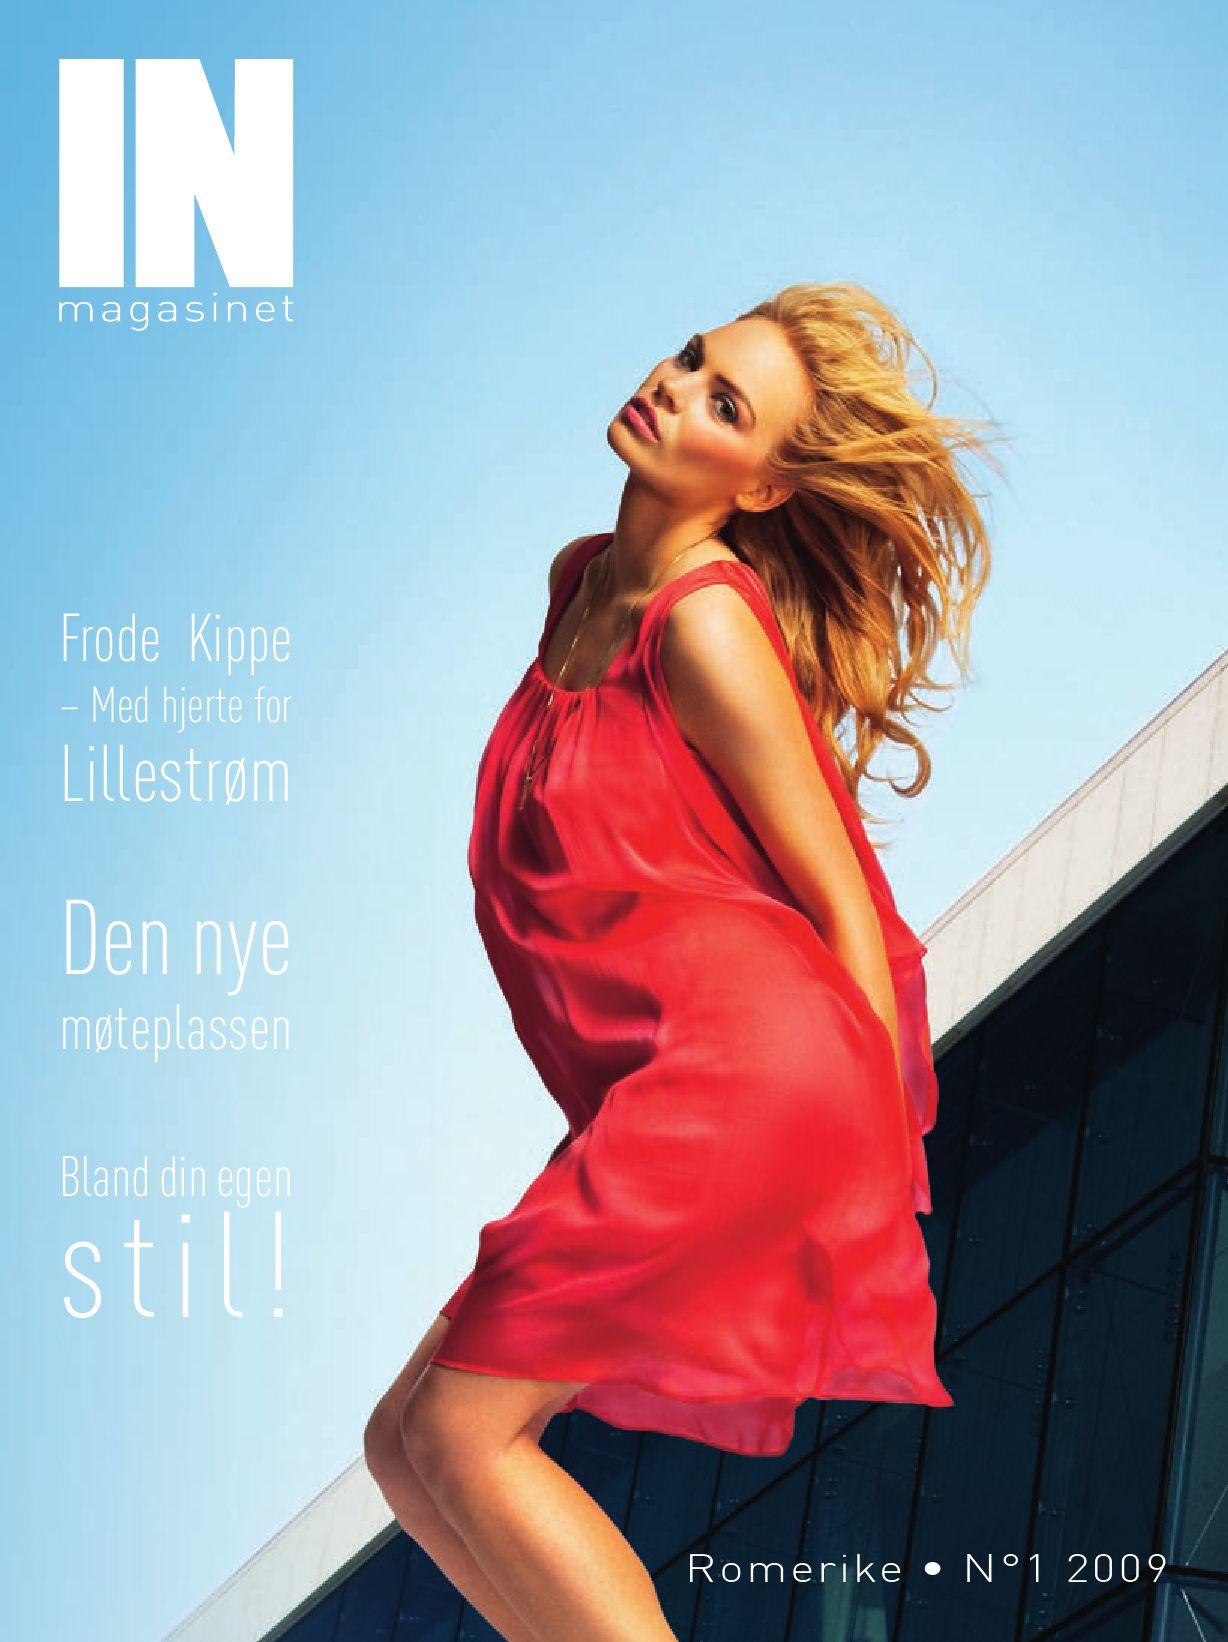 e4a1515bd26d IN Romerike vår sommer 09 by IN magasinet - issuu